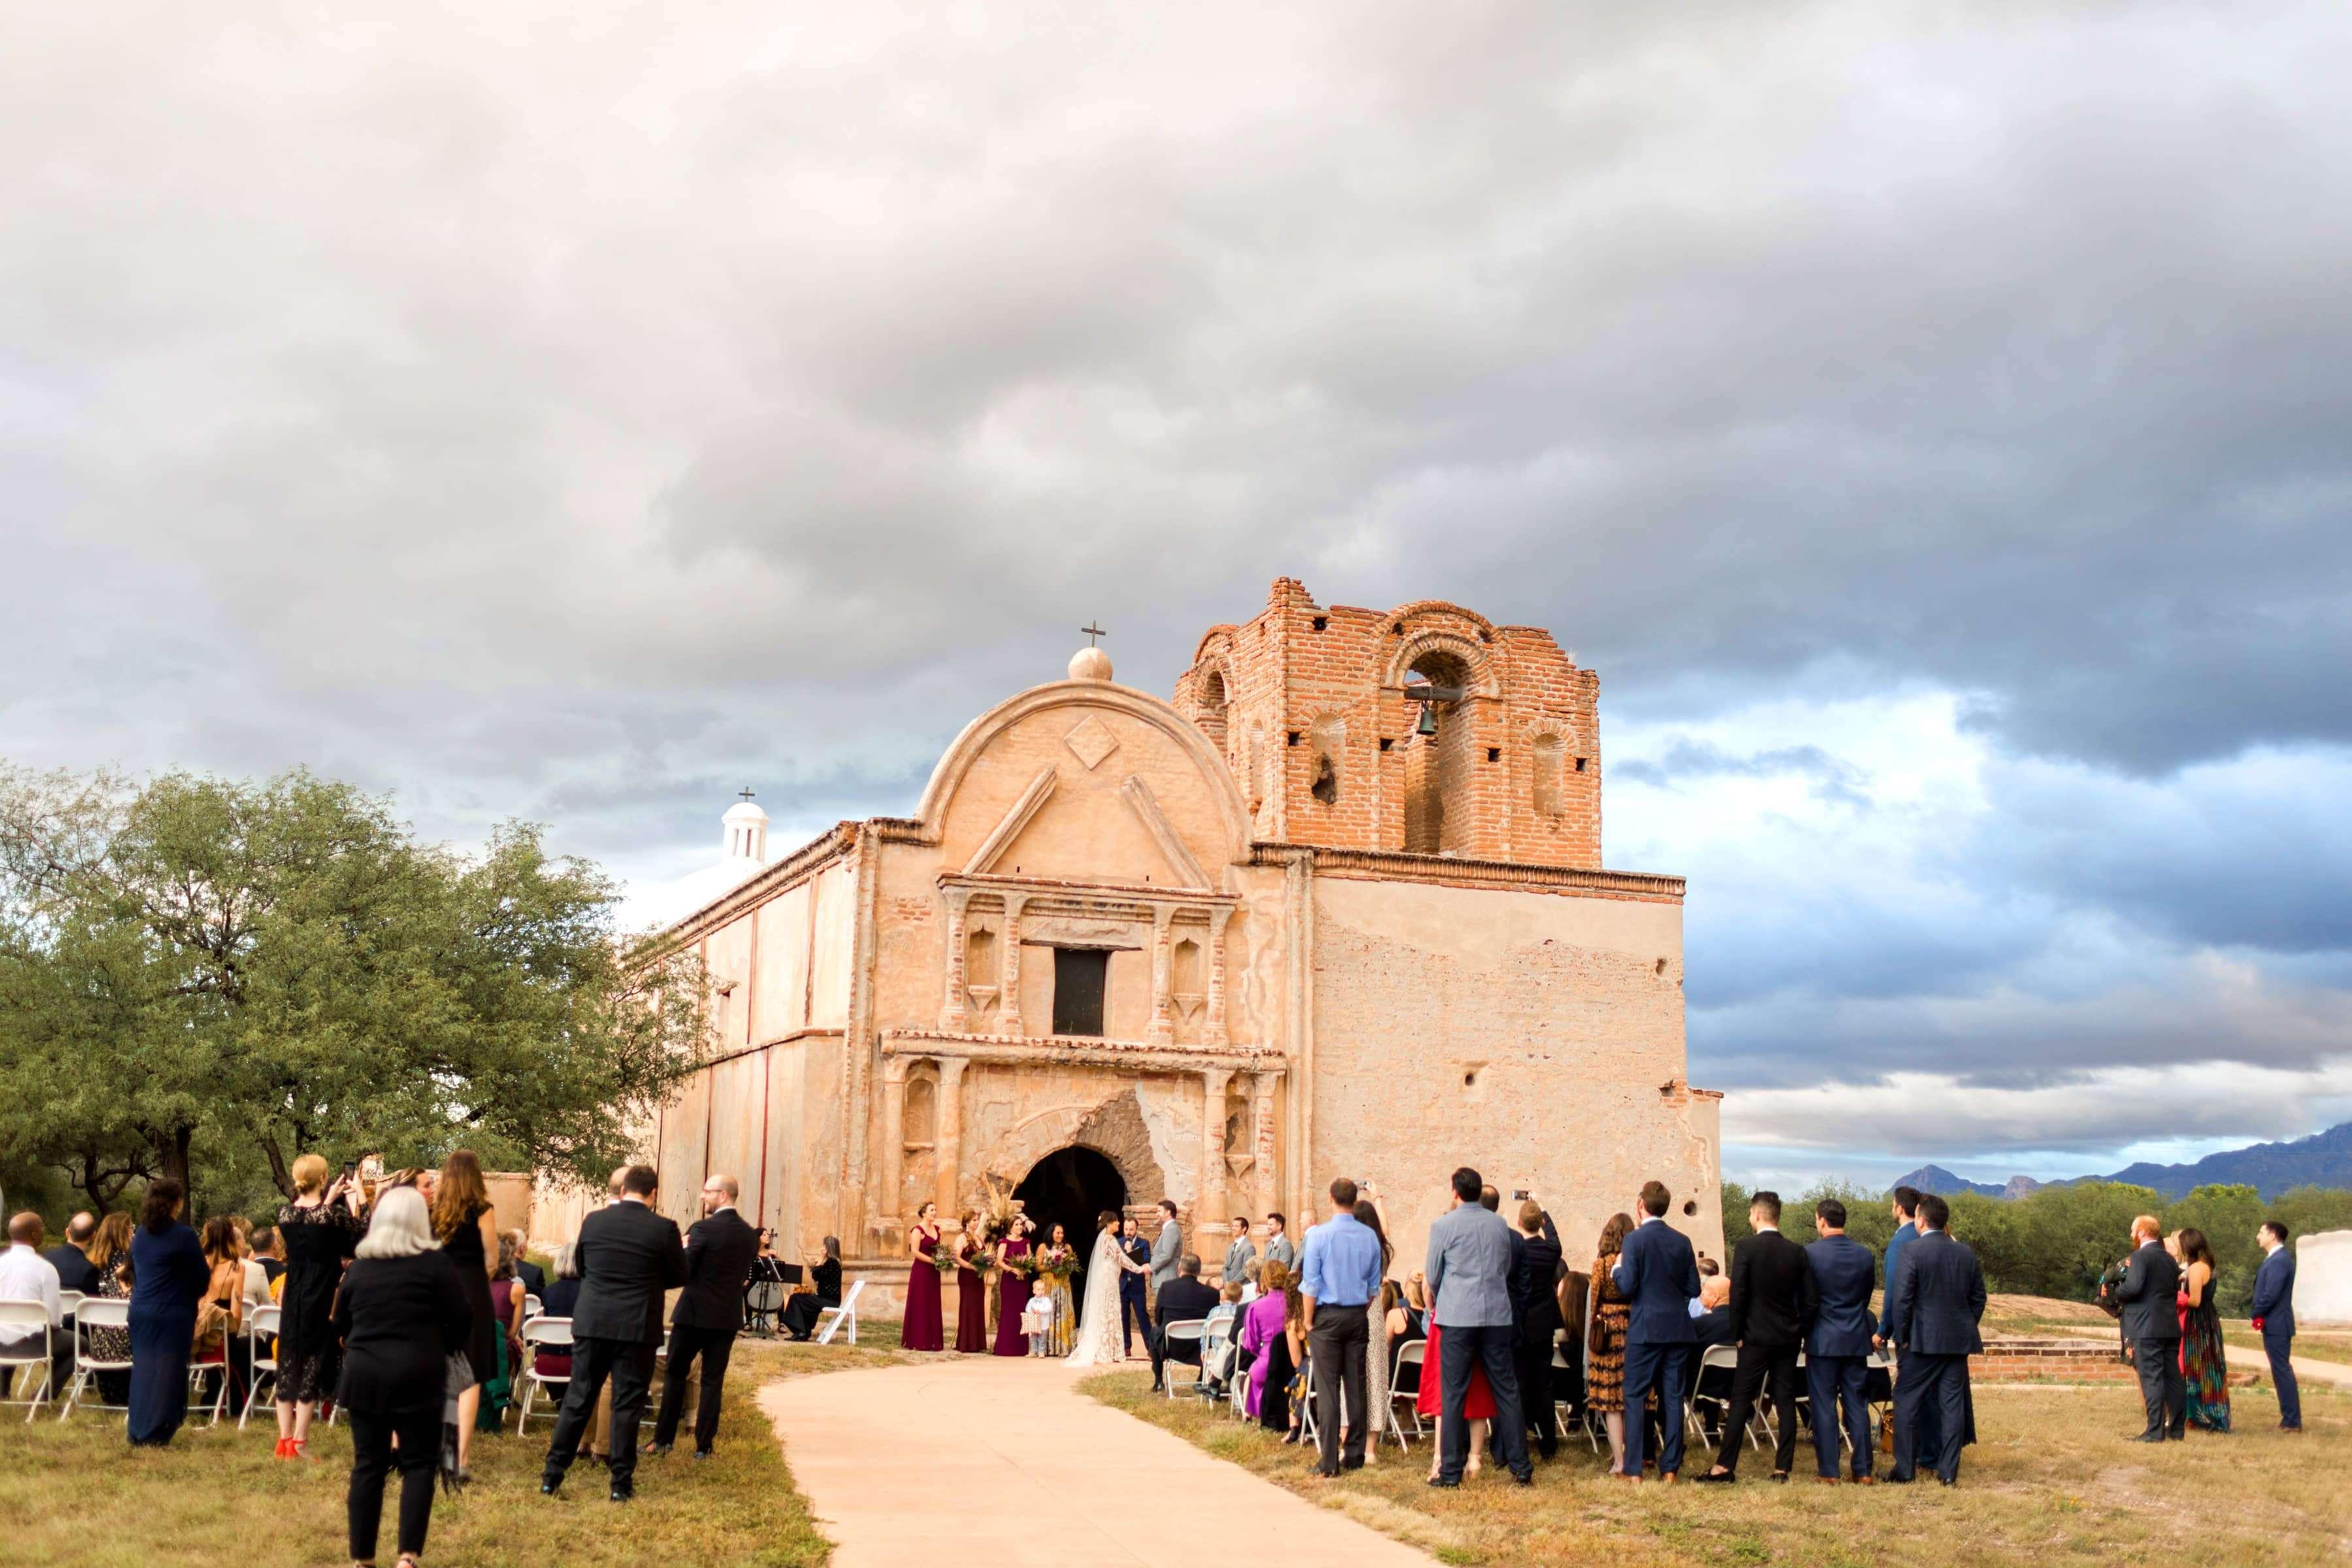 tumacacori national monument wedding